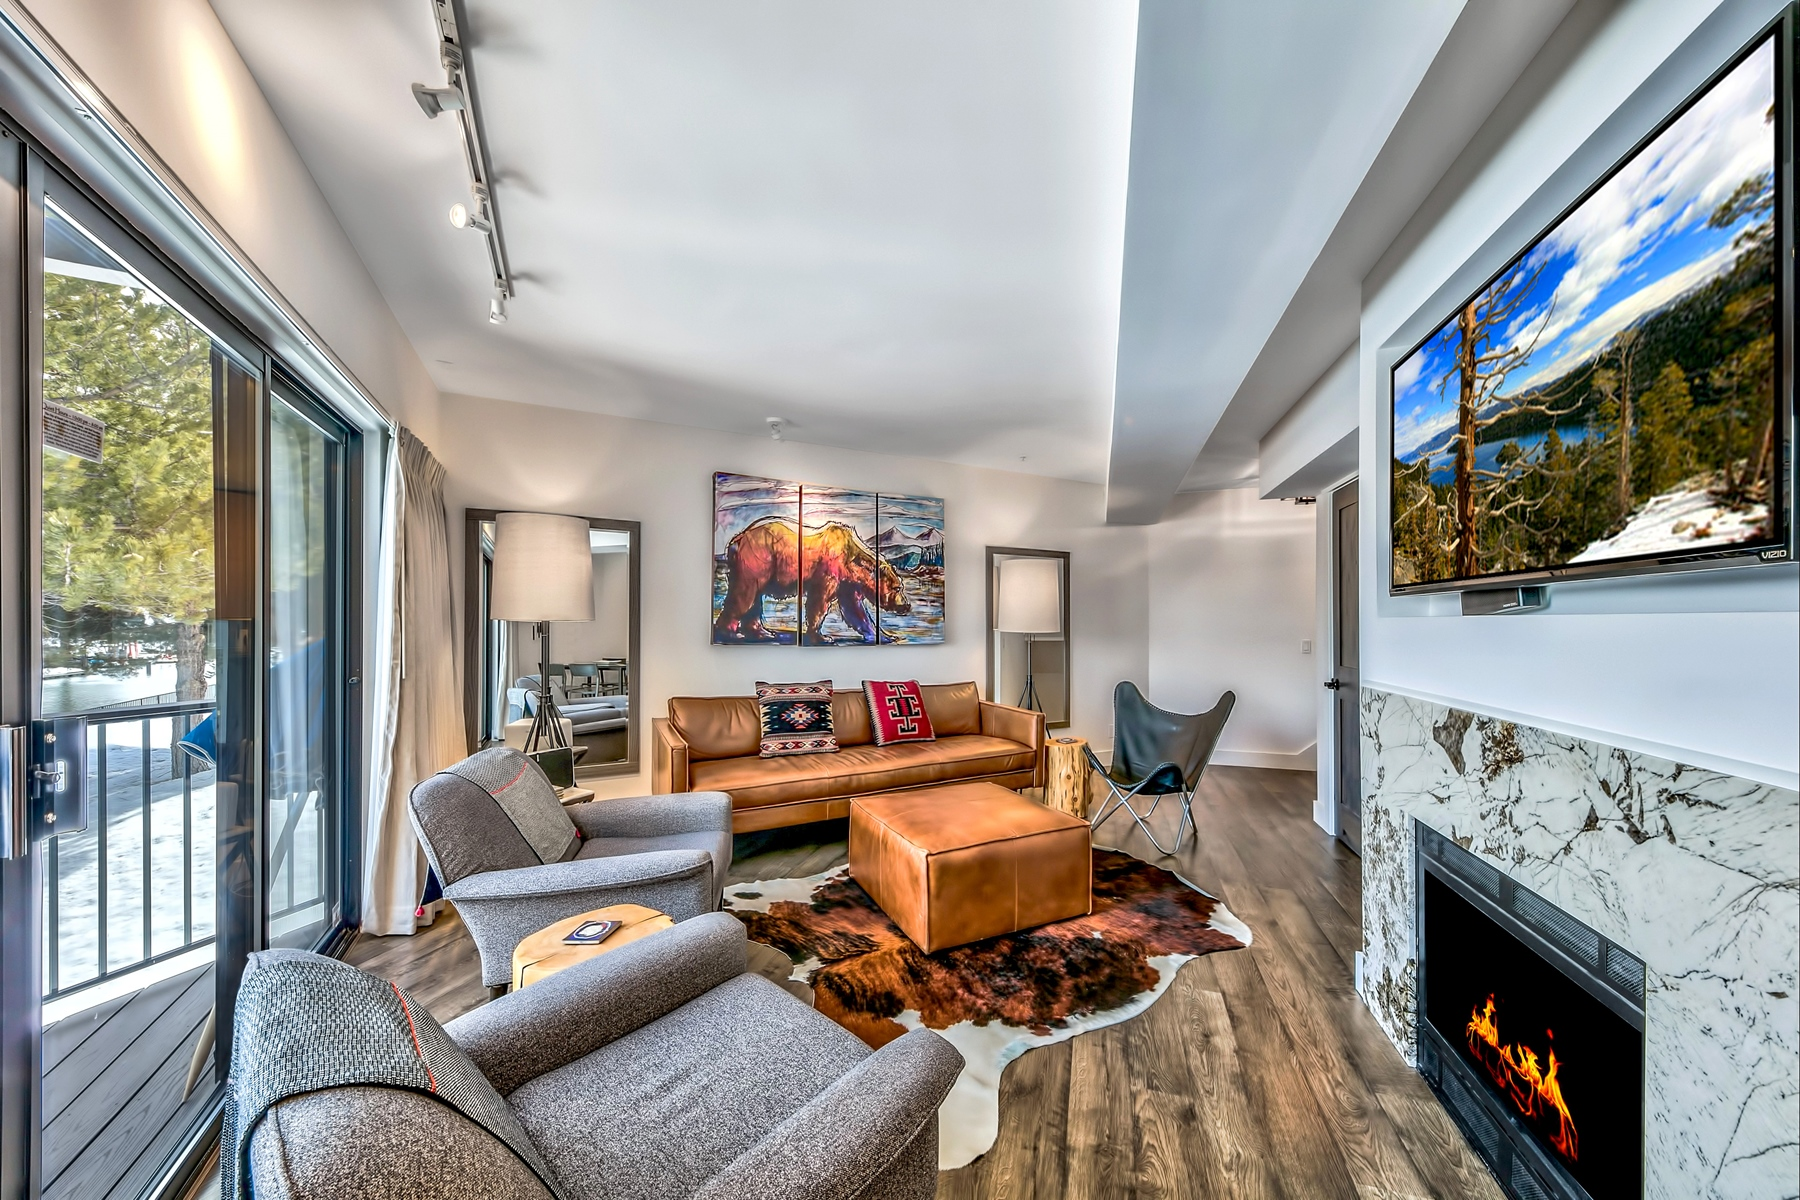 Condominium for Active at 477 Ala Wai #84, South Lake Tahoe, CA 96150 477 Ala Wai #84 South Lake Tahoe, California 96150 United States